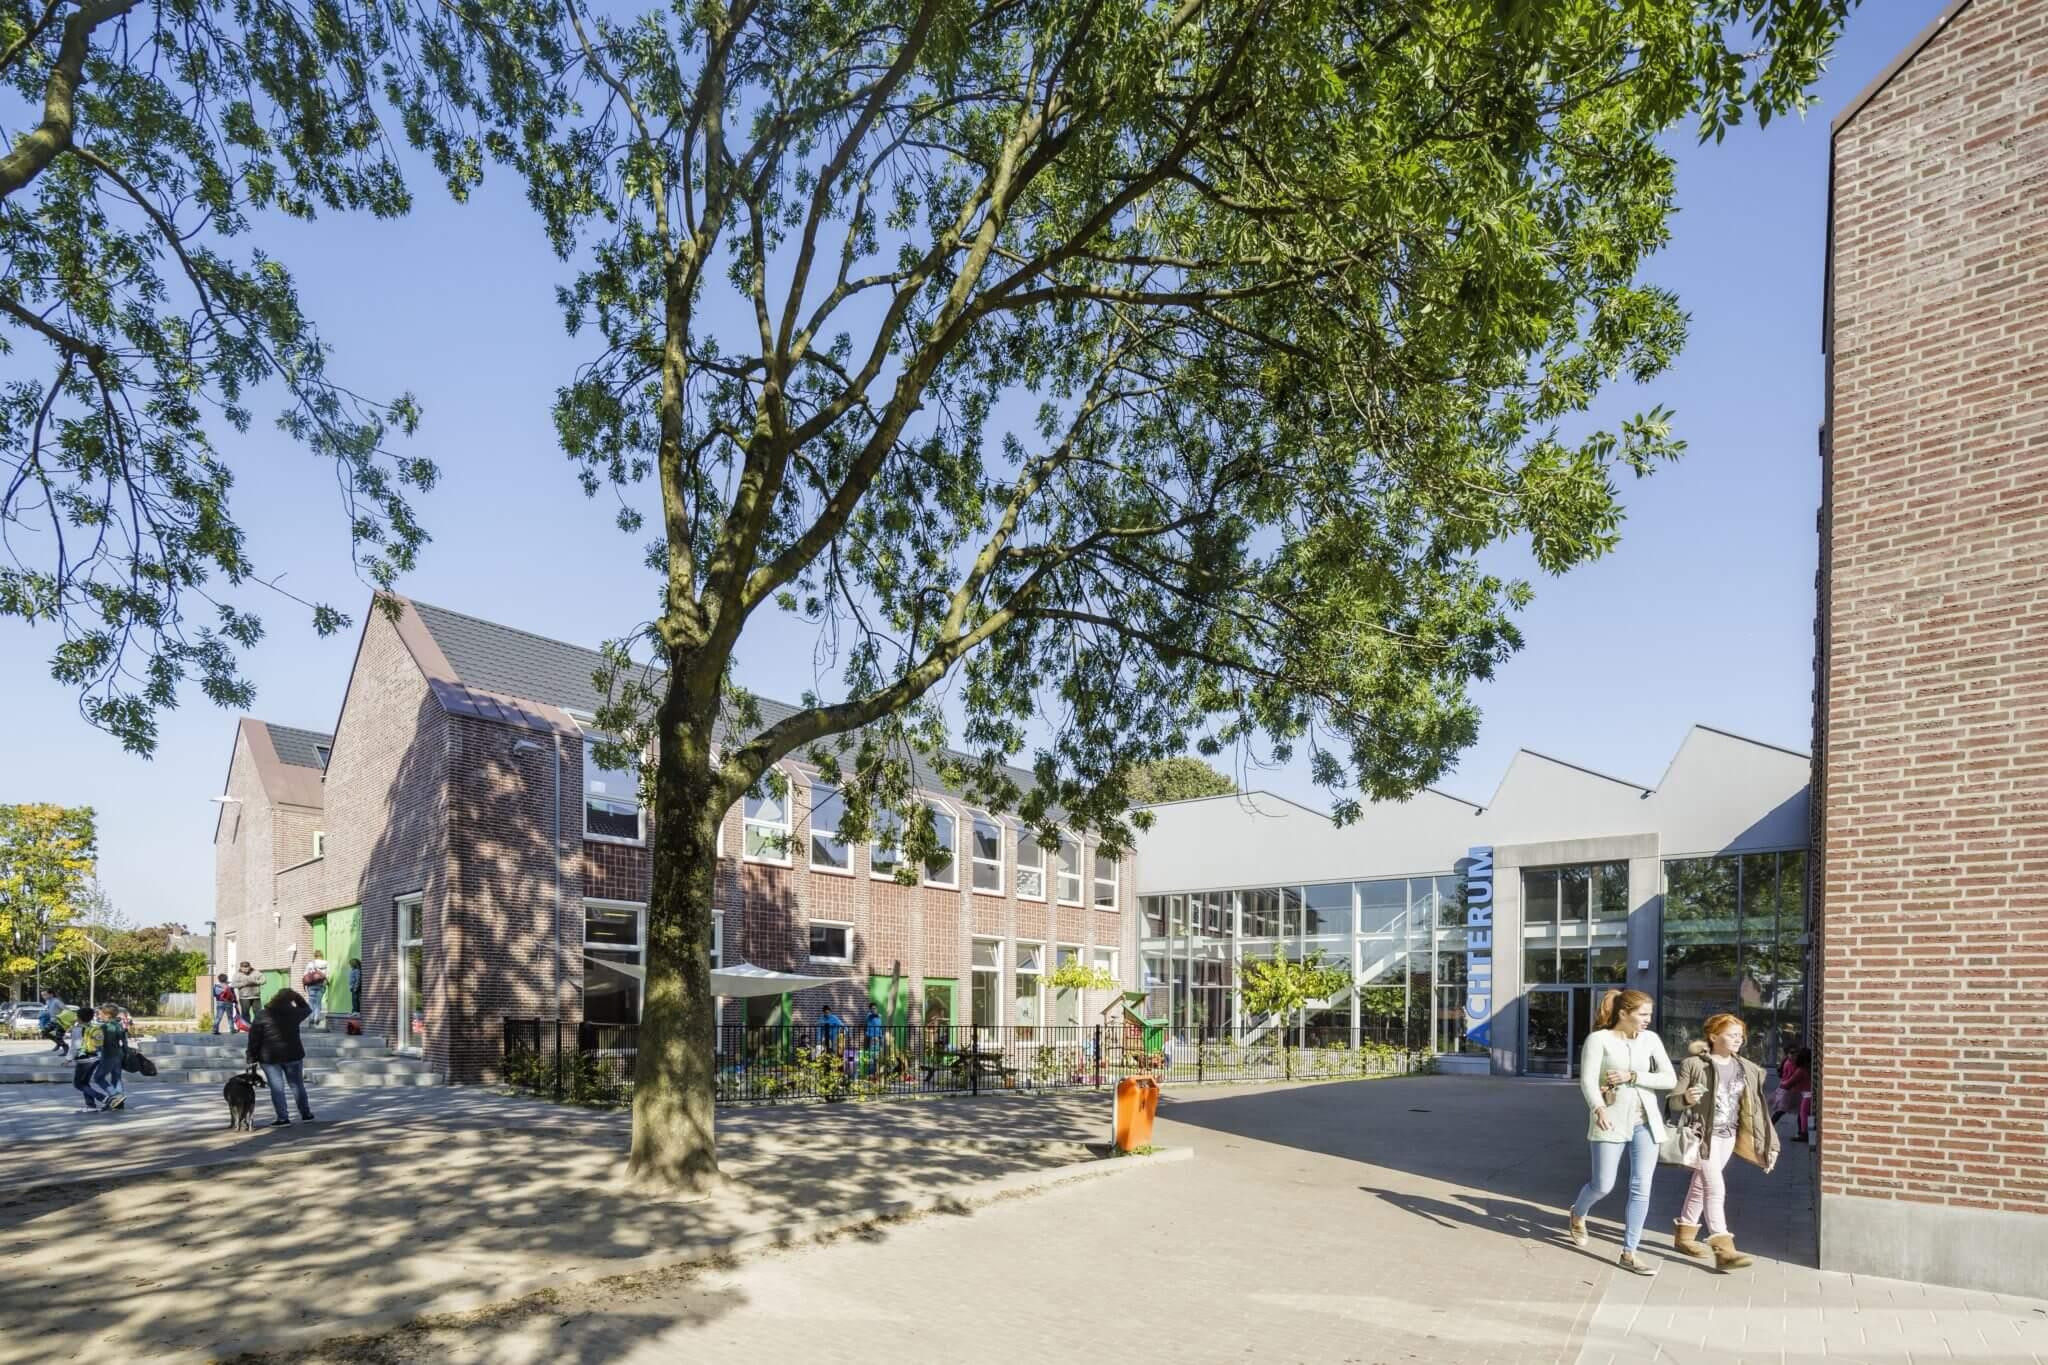 MFA multifunctioneel basisschool Veldhoven Brainport accomodatie Veldvest BAM gymzaal buurtfunctie GPR frisse scholen vleermuizen klokketoren logopedie kinderdagverblijf opvang peuter dorp fabriekje gezond regenwater duurzaam